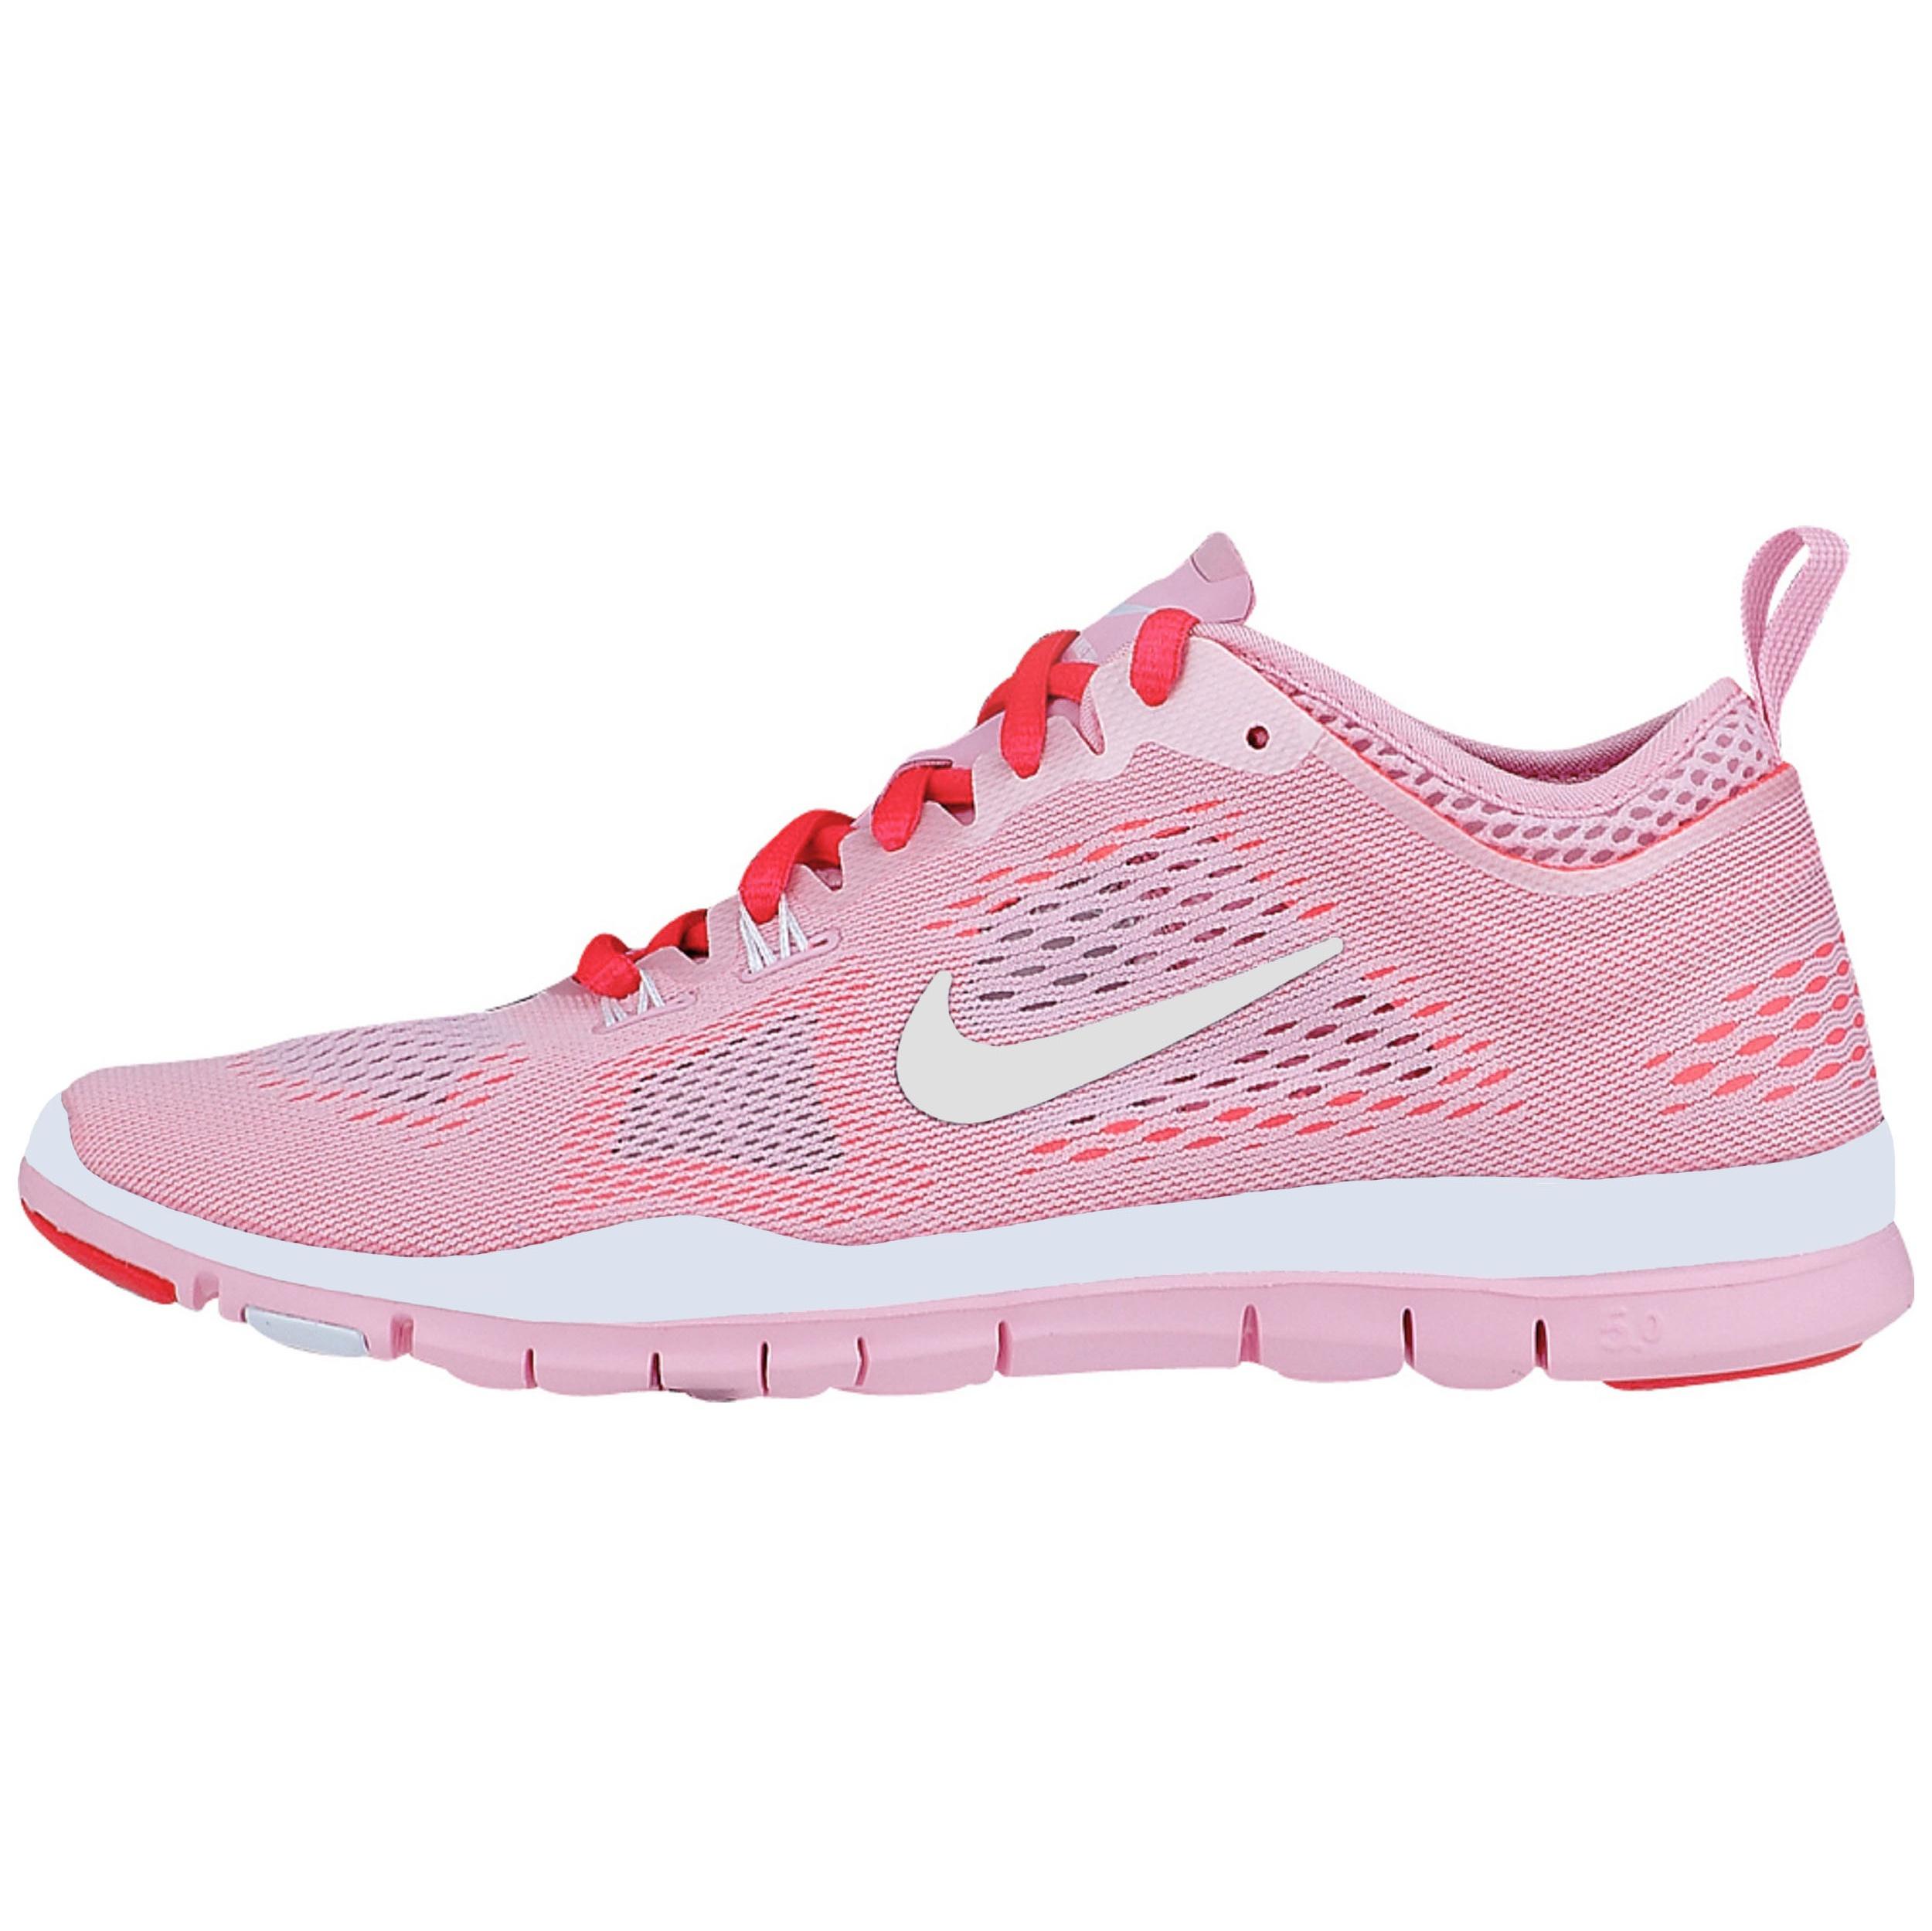 کفش مخصوص پیاده روی زنانه نایکی مدل 4 free 5.0 tr fit